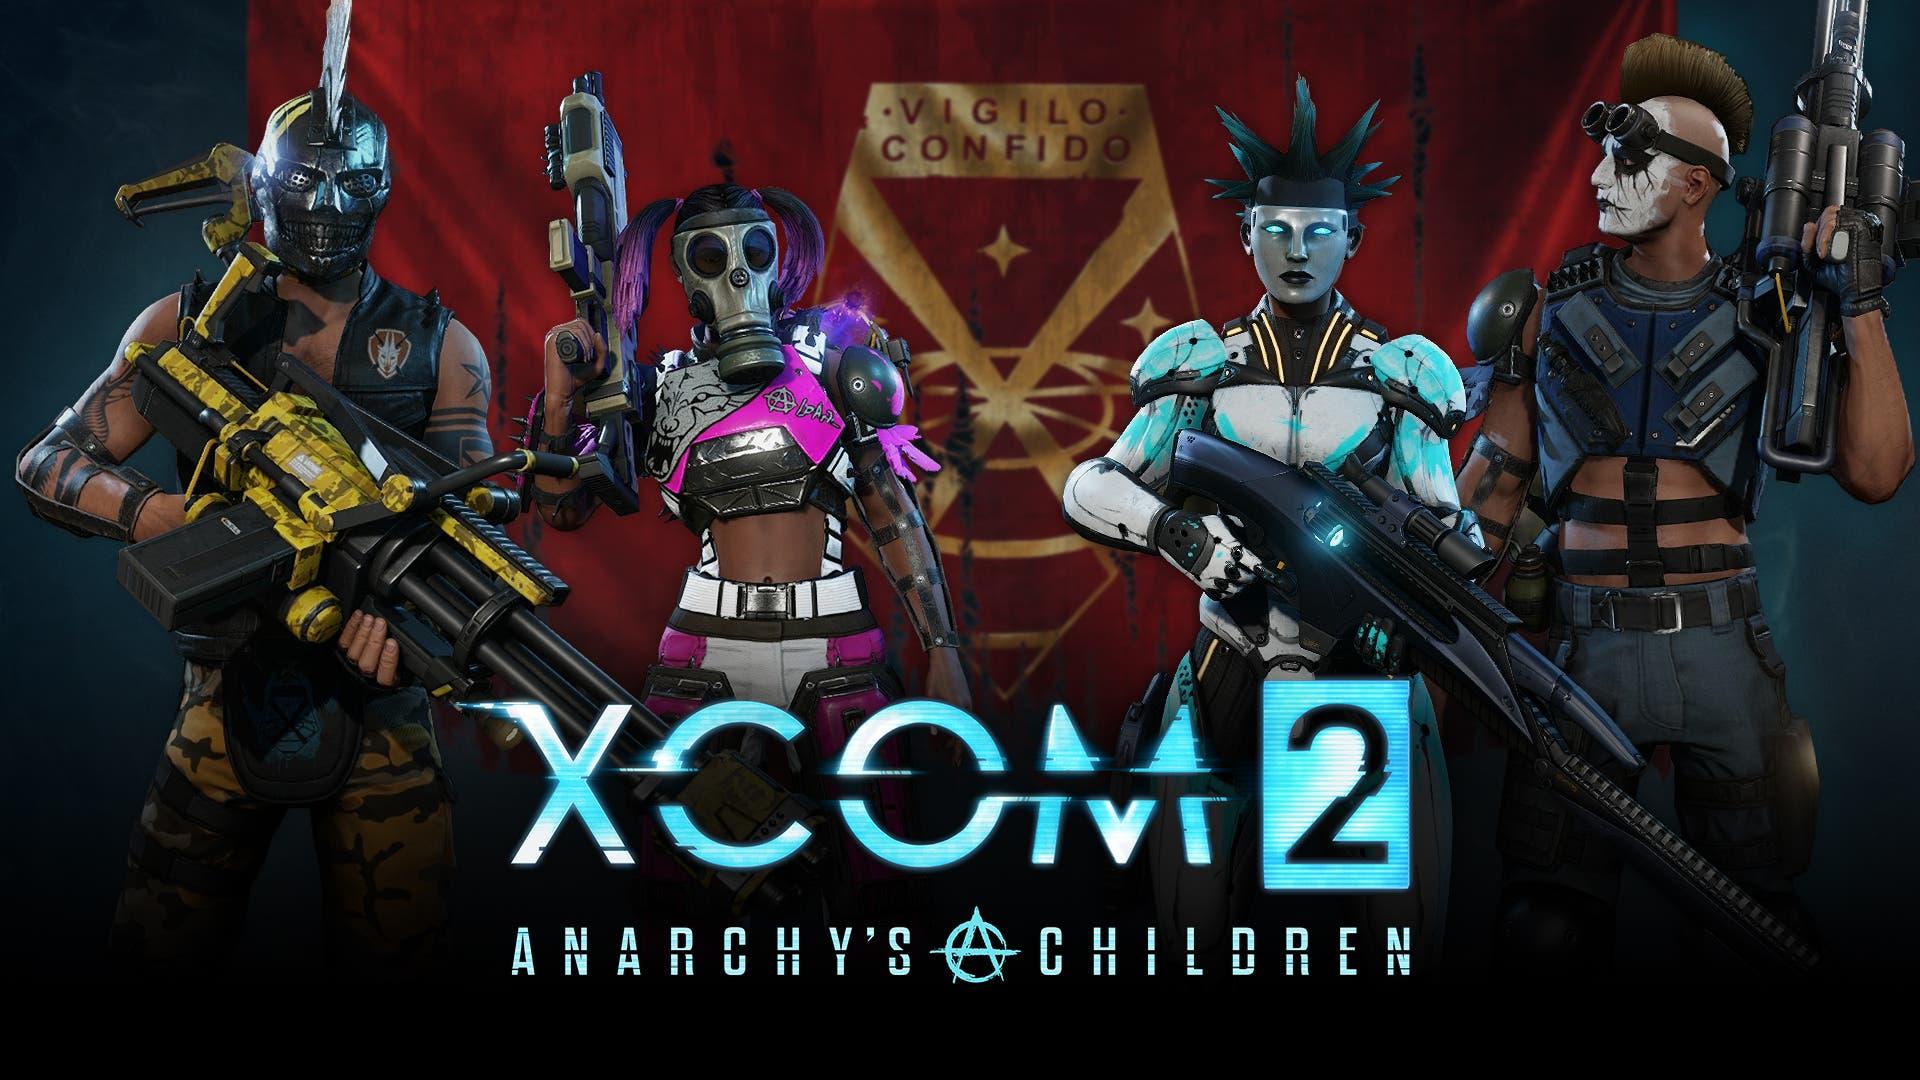 XCOM 2_Anarchy's Children Key Art